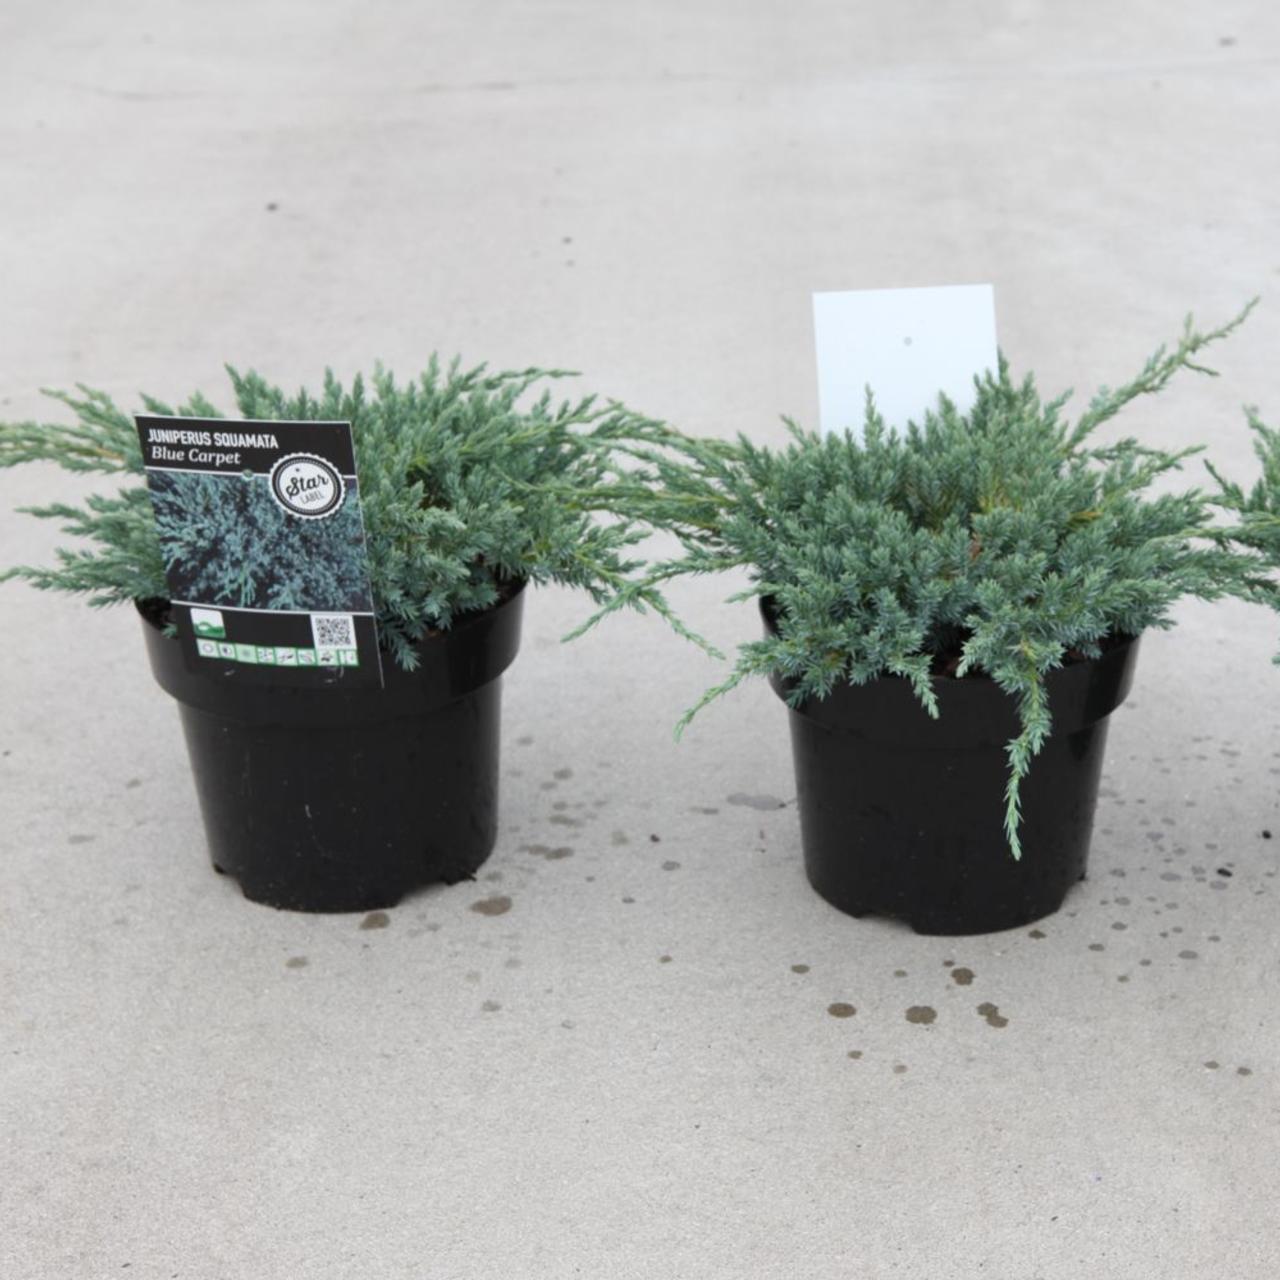 Juniperus squamata 'Blue Compact' plant